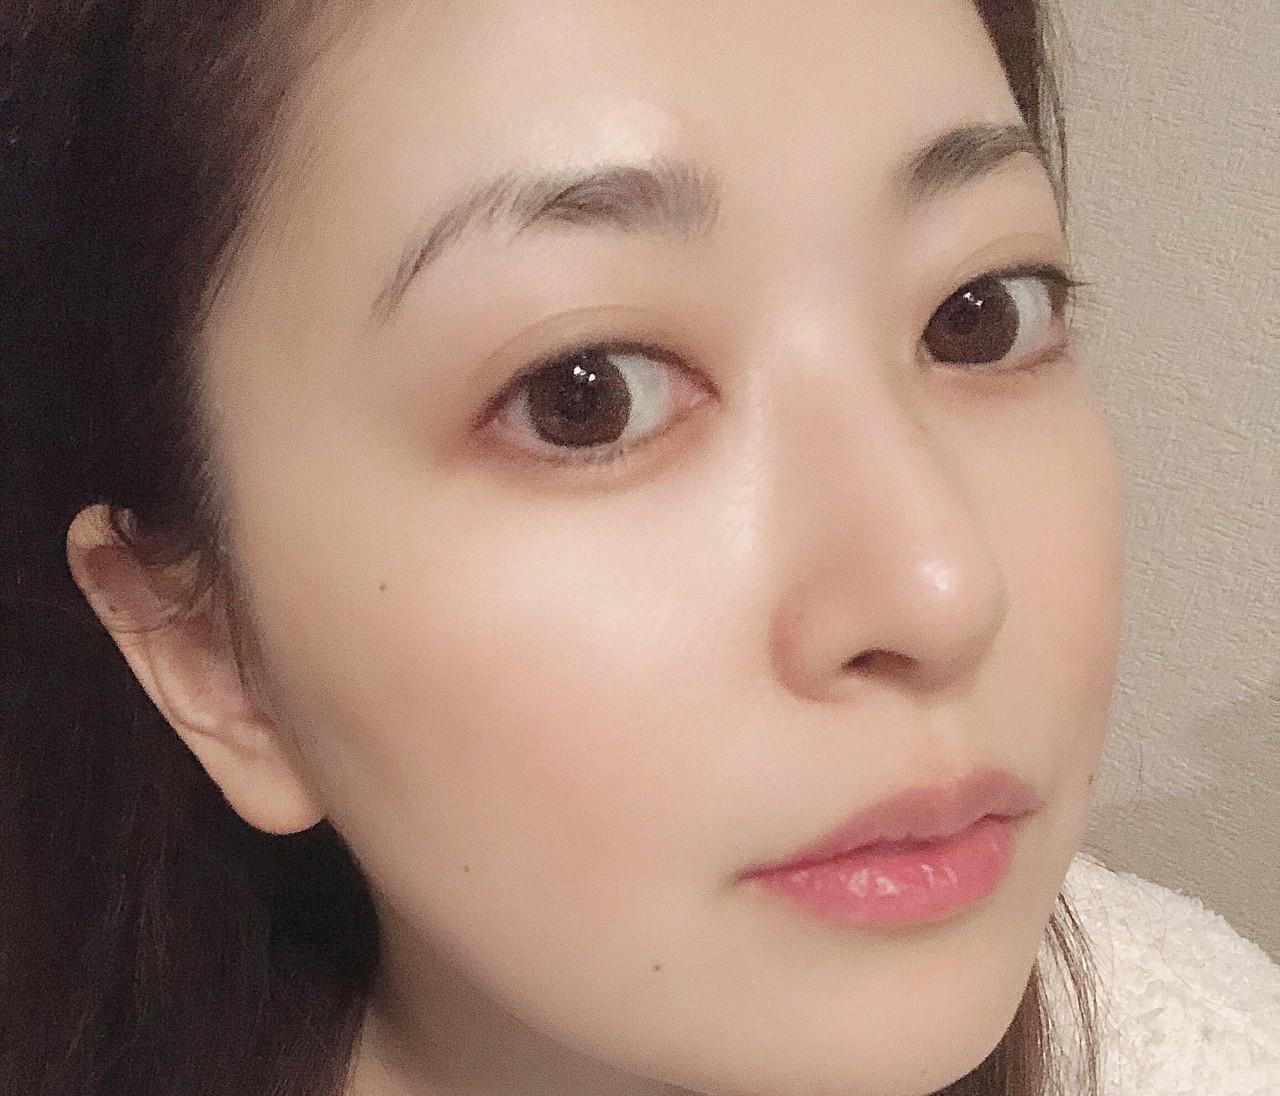 30代が使うおすすめシートマスク 美白透明感・保湿・鎮静の効果別 使用後の肌も